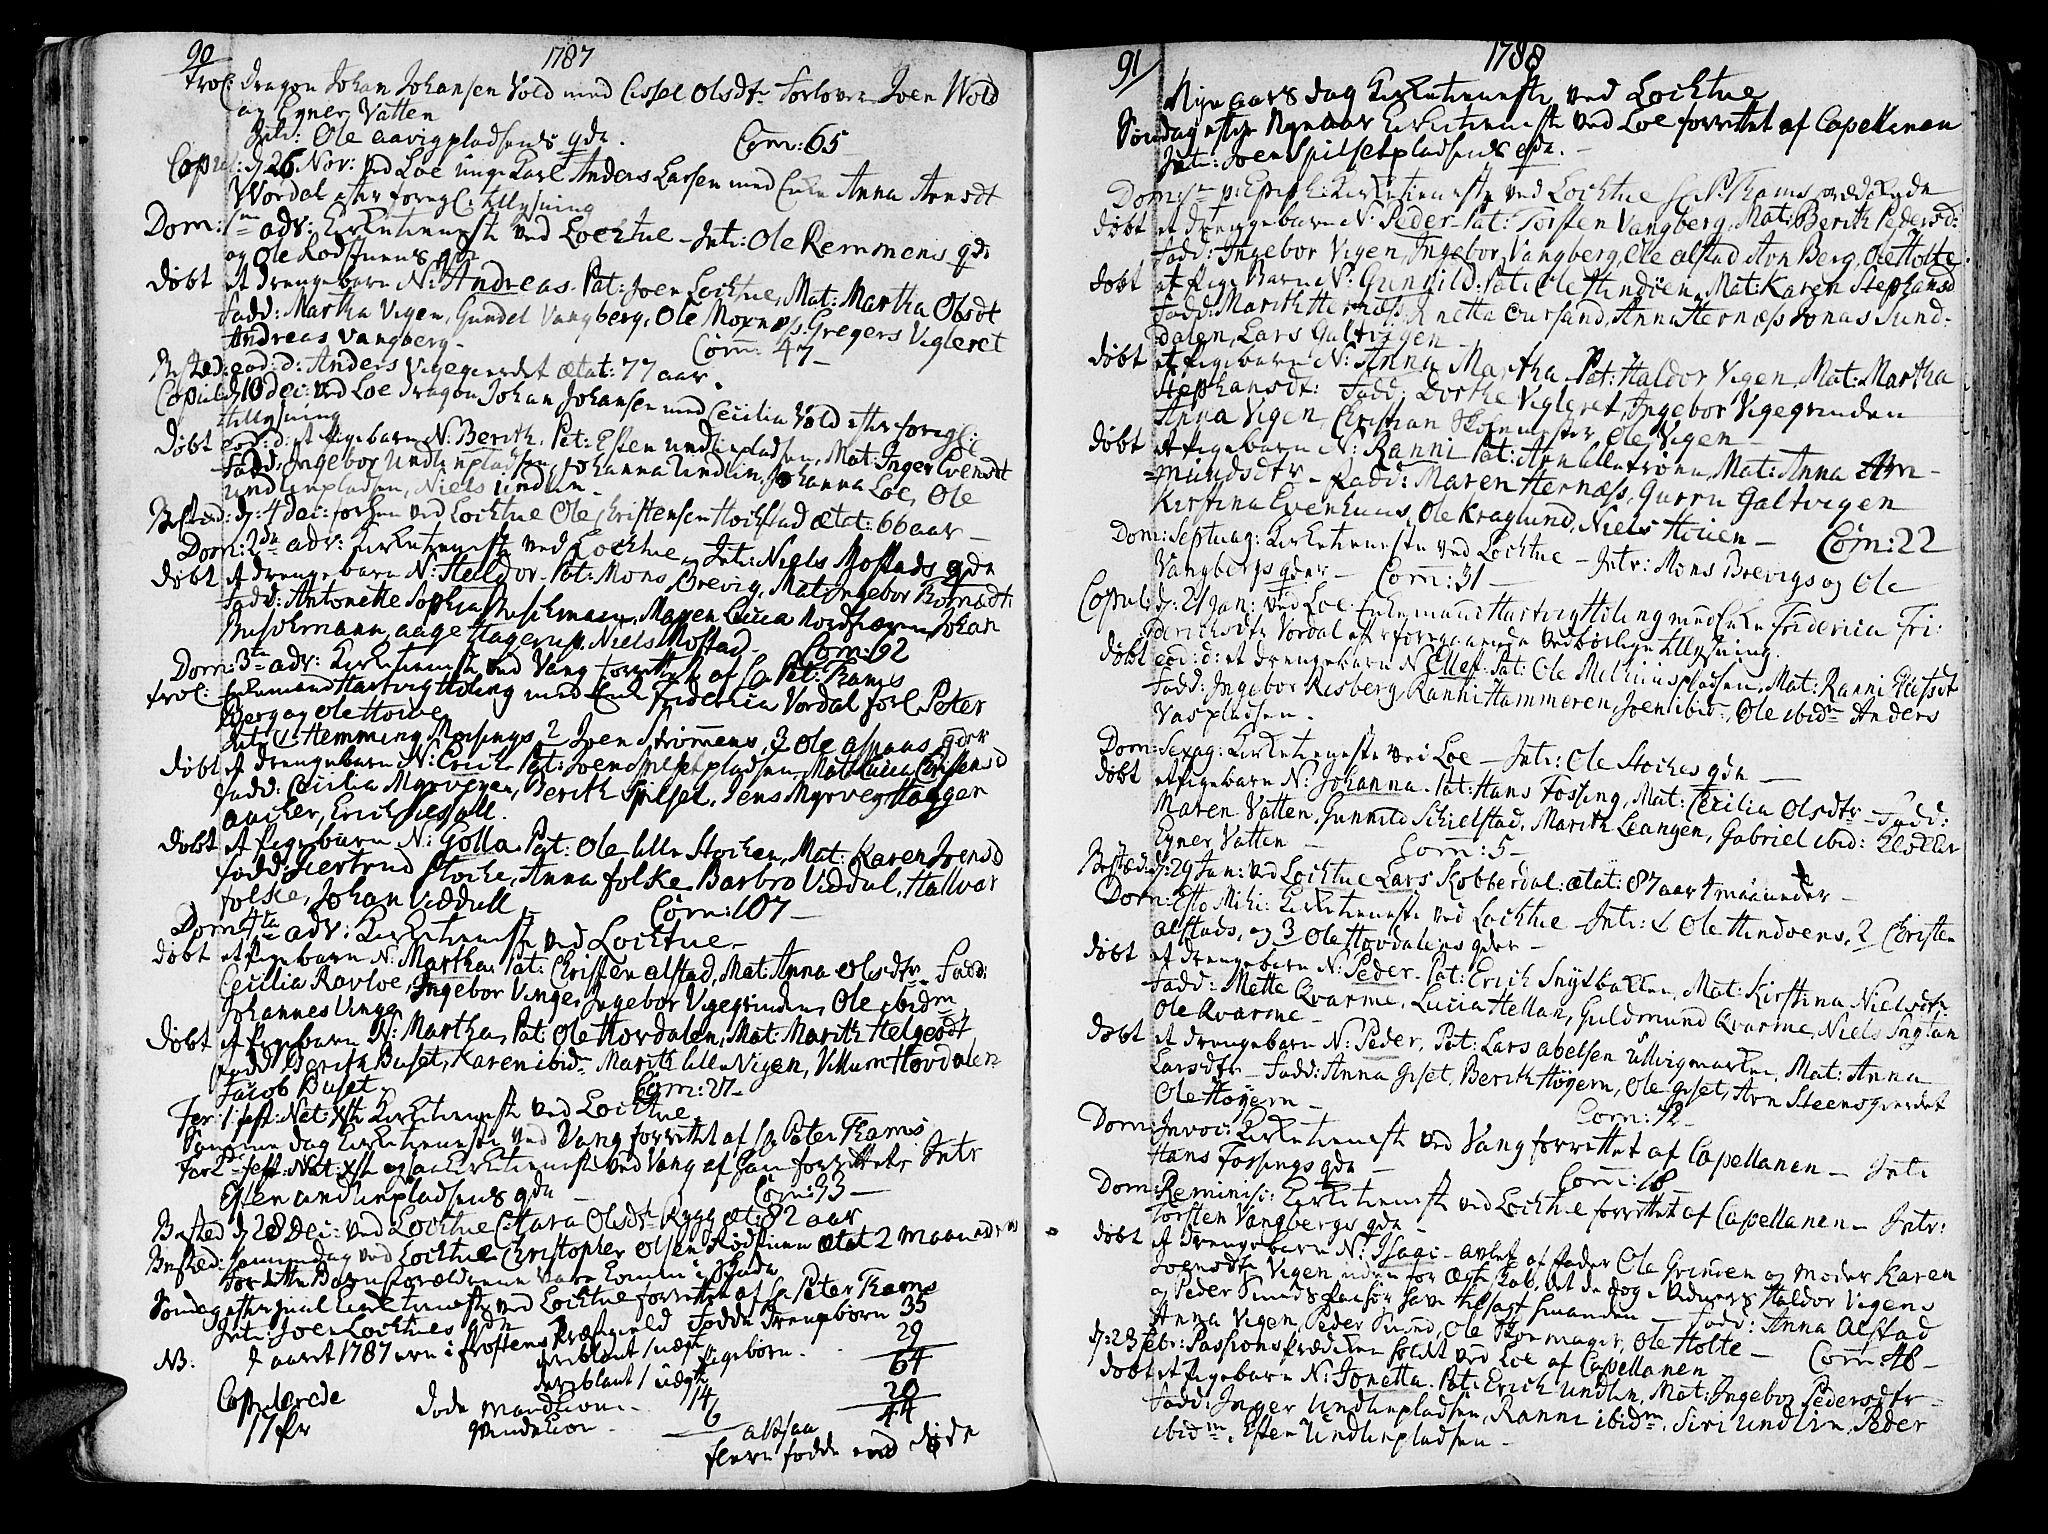 SAT, Ministerialprotokoller, klokkerbøker og fødselsregistre - Nord-Trøndelag, 713/L0110: Ministerialbok nr. 713A02, 1778-1811, s. 90-91